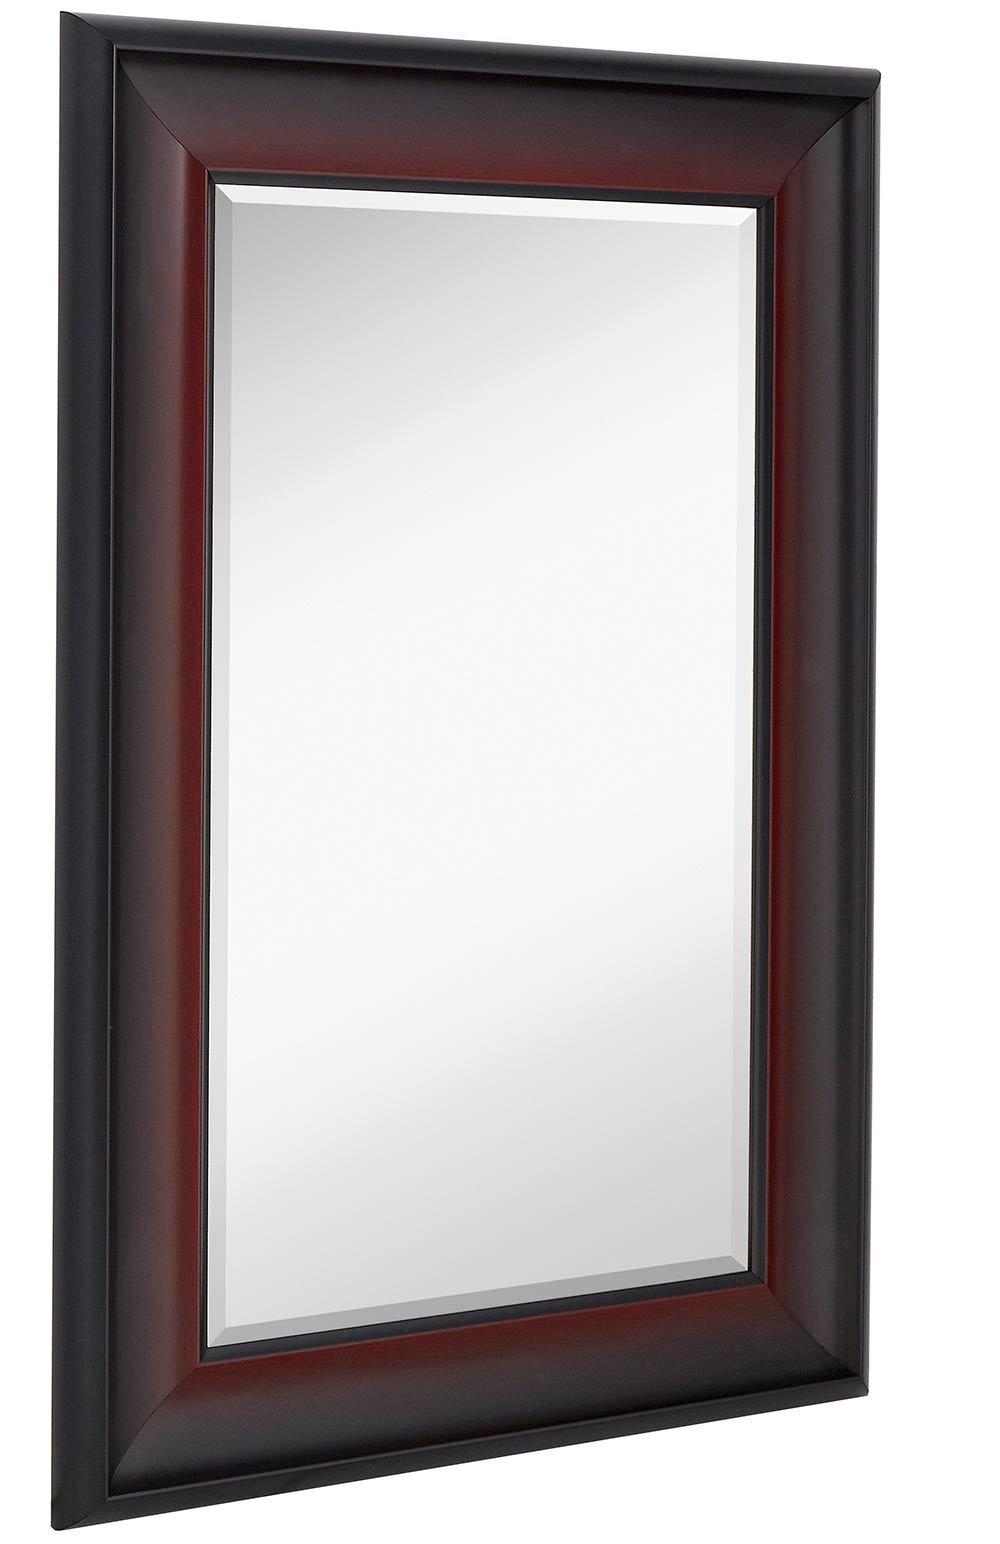 Cheap 24 X 36 Mirror Frame, find 24 X 36 Mirror Frame deals on line ...